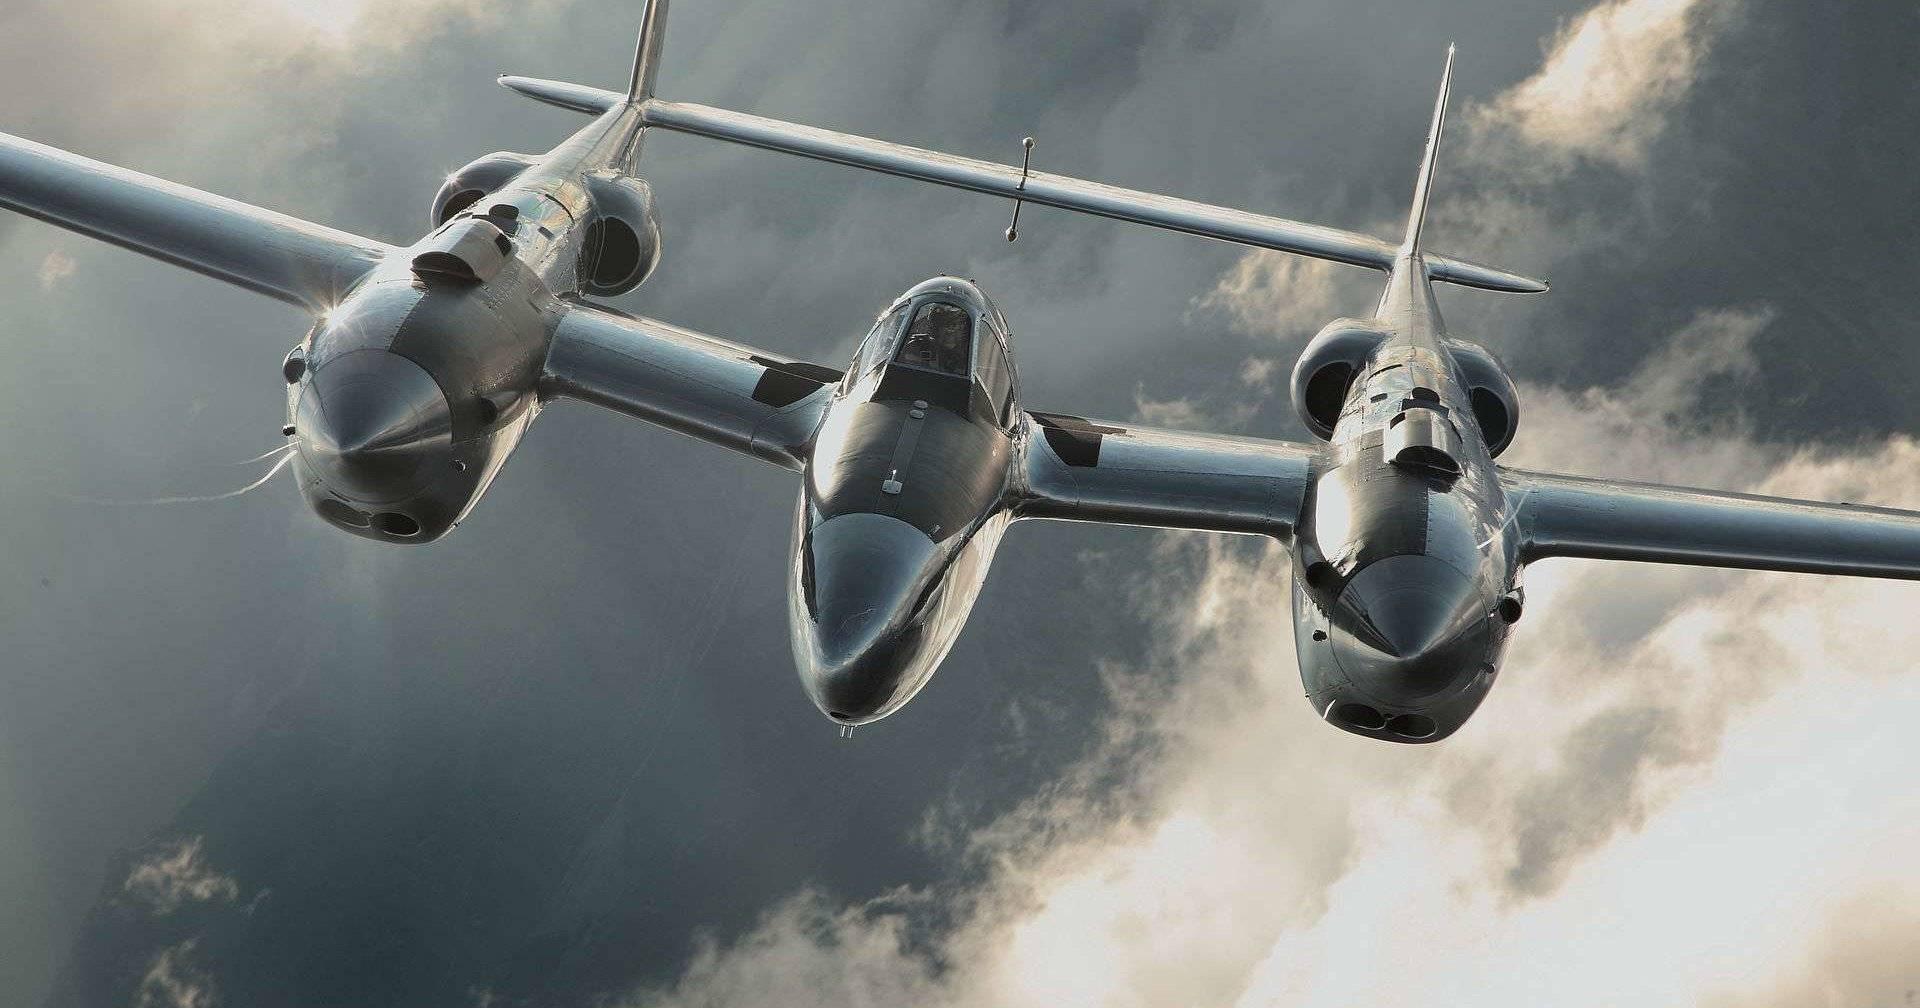 P-38 lightning википедия